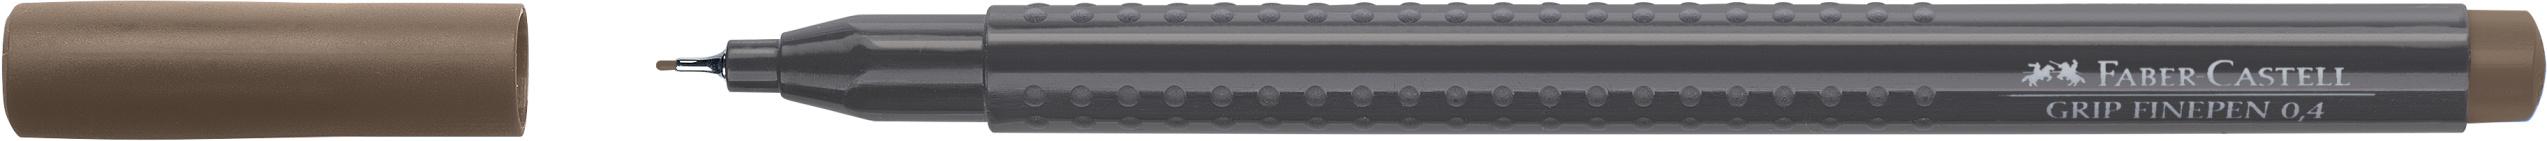 Ручка капилярная FC Grip Finepen 0.4мм коричневый / охра